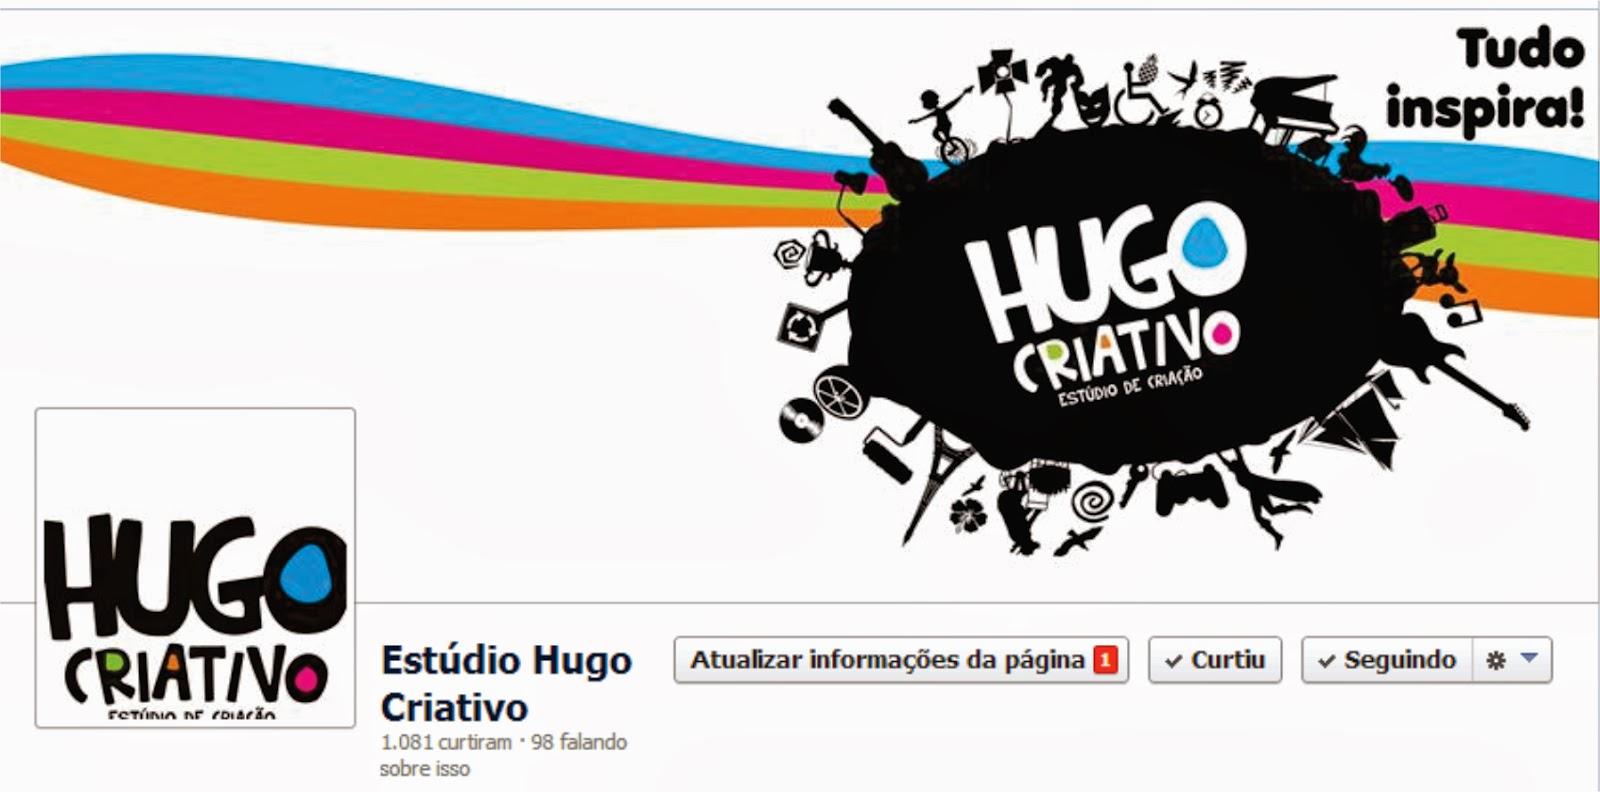 https://www.facebook.com/EstudioHugoCriativo?ref=hl